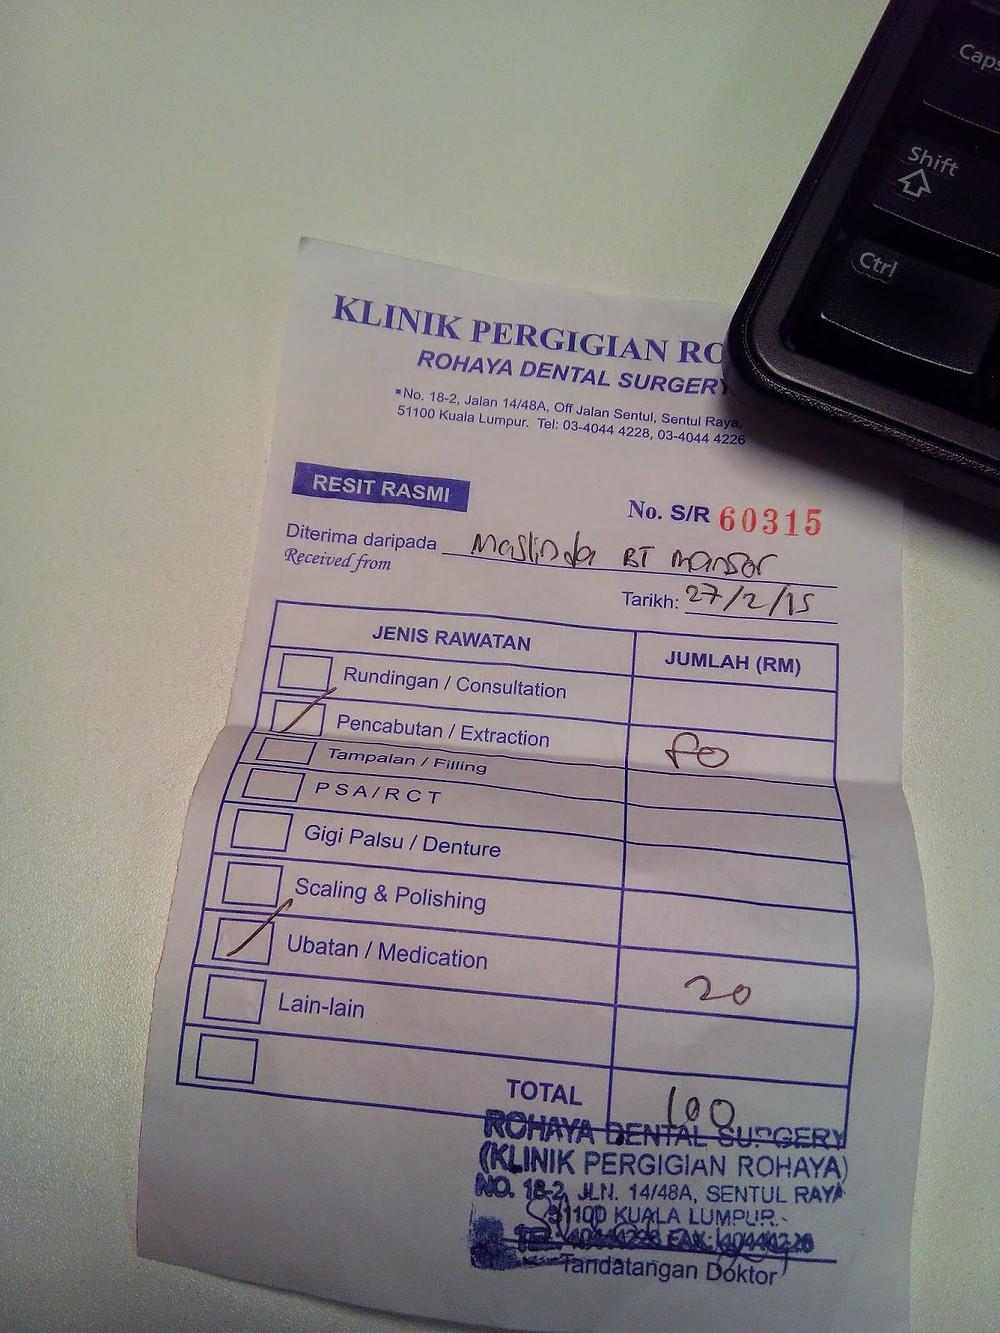 RM100 boleh claim dengan company